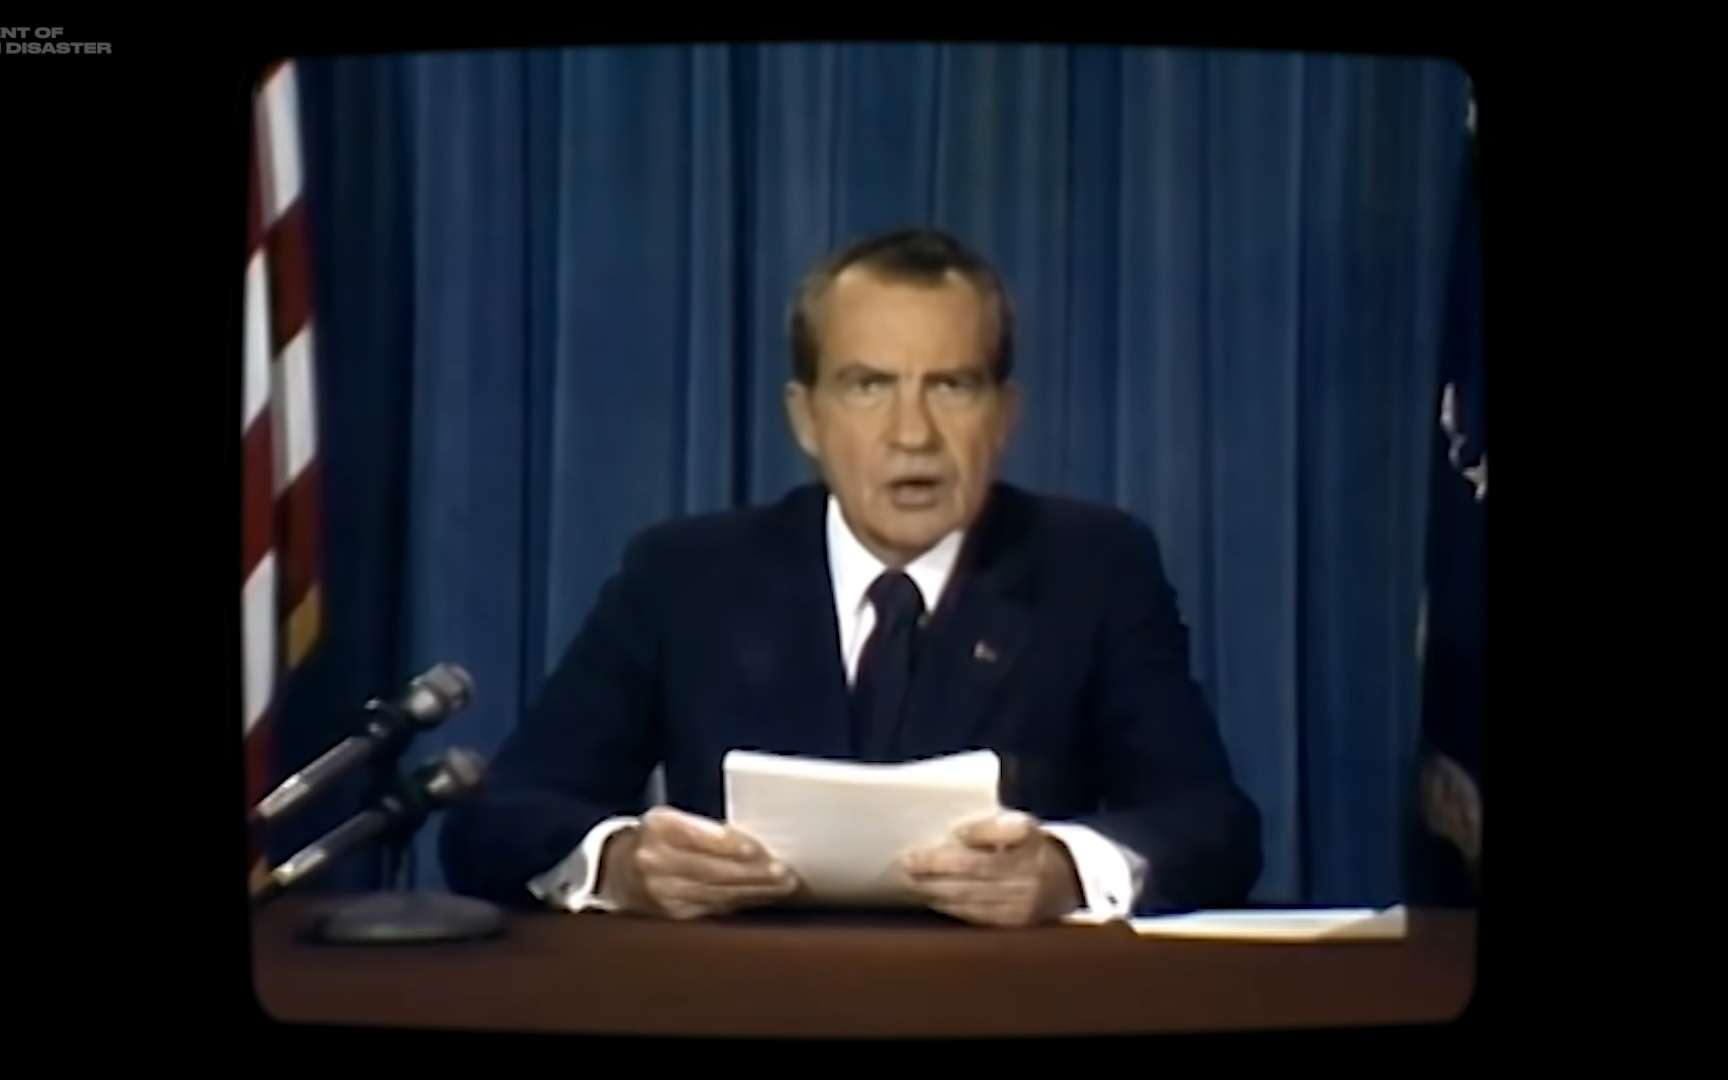 Grâce à l'intelligence artificielle, le président Nixon lit un discours qu'il n'a jamais prononcé en réalité. © Francesca Panetta et Halsey Burgund